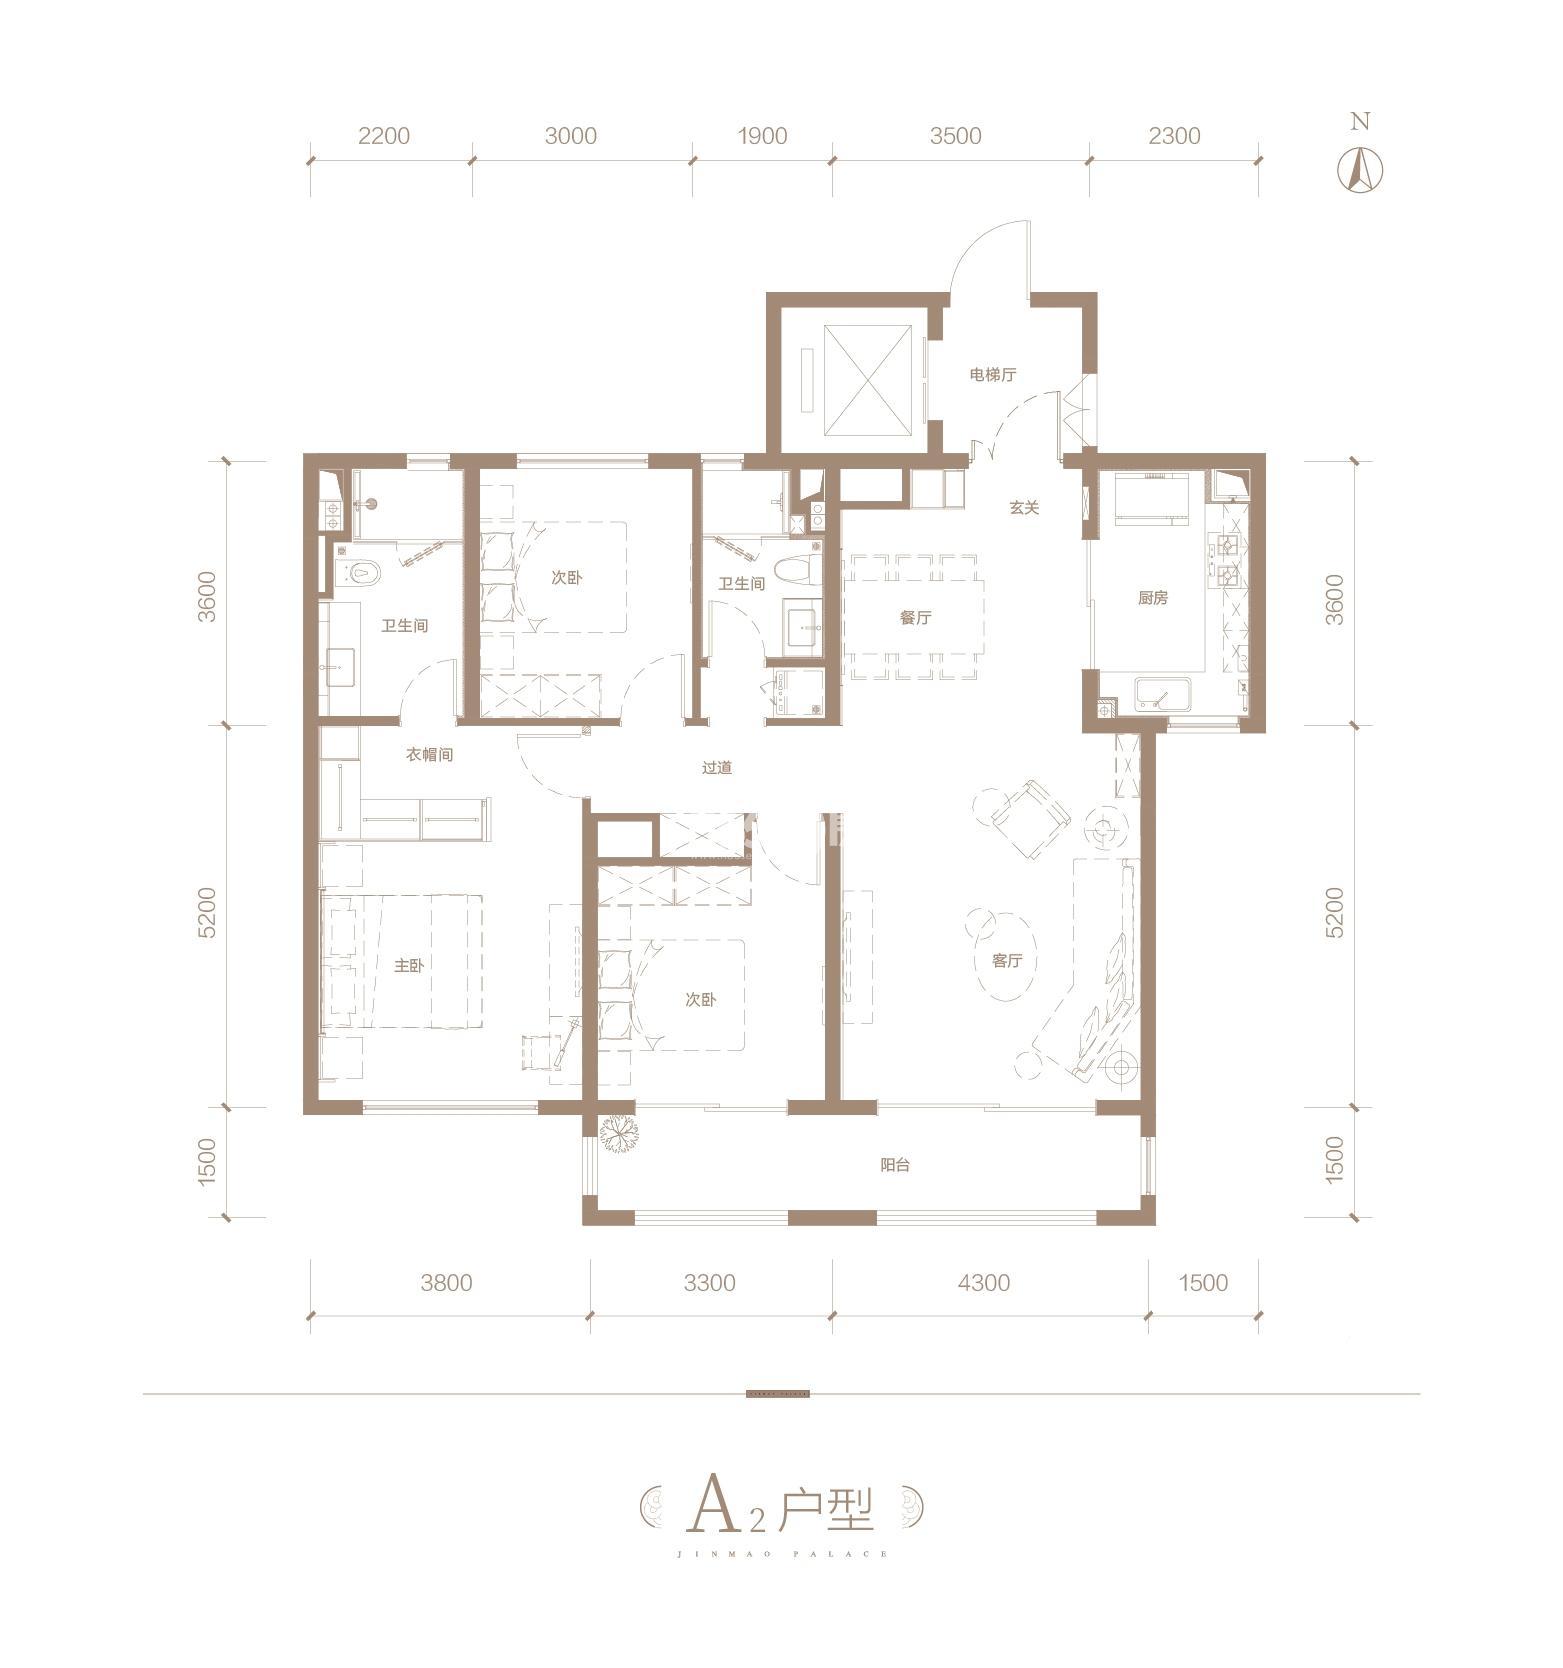 长安金茂府A2三室两厅146㎡户型图